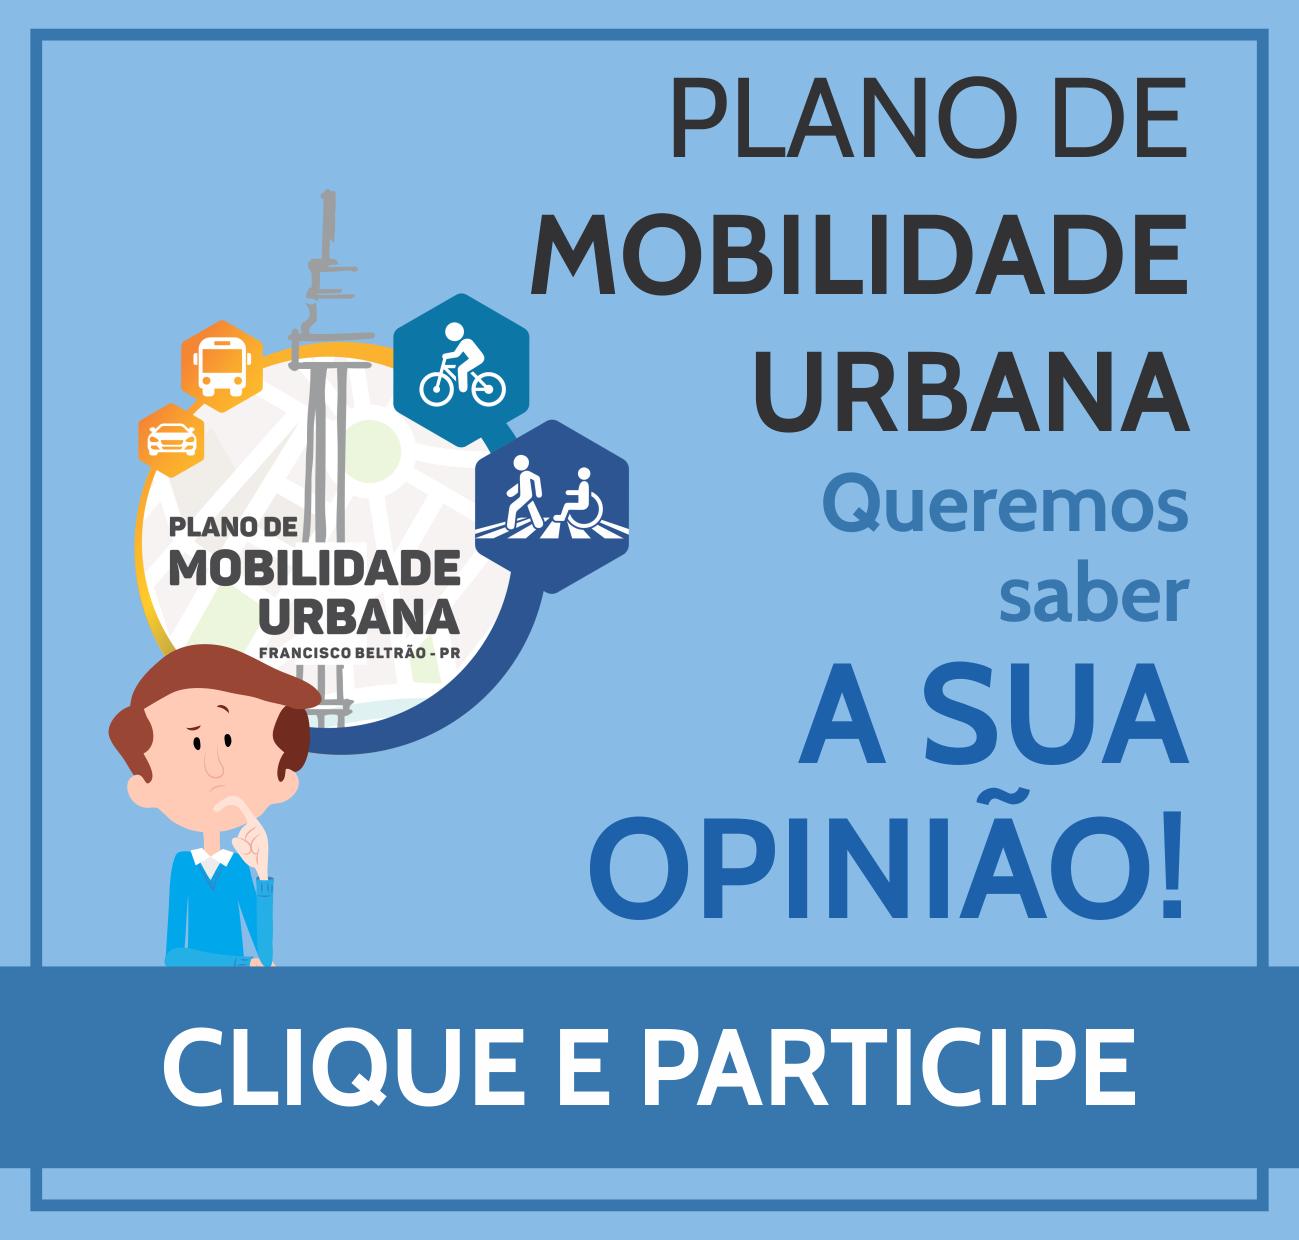 PLANO DE MOBILIDADE URBANA - FORMULÁRIO